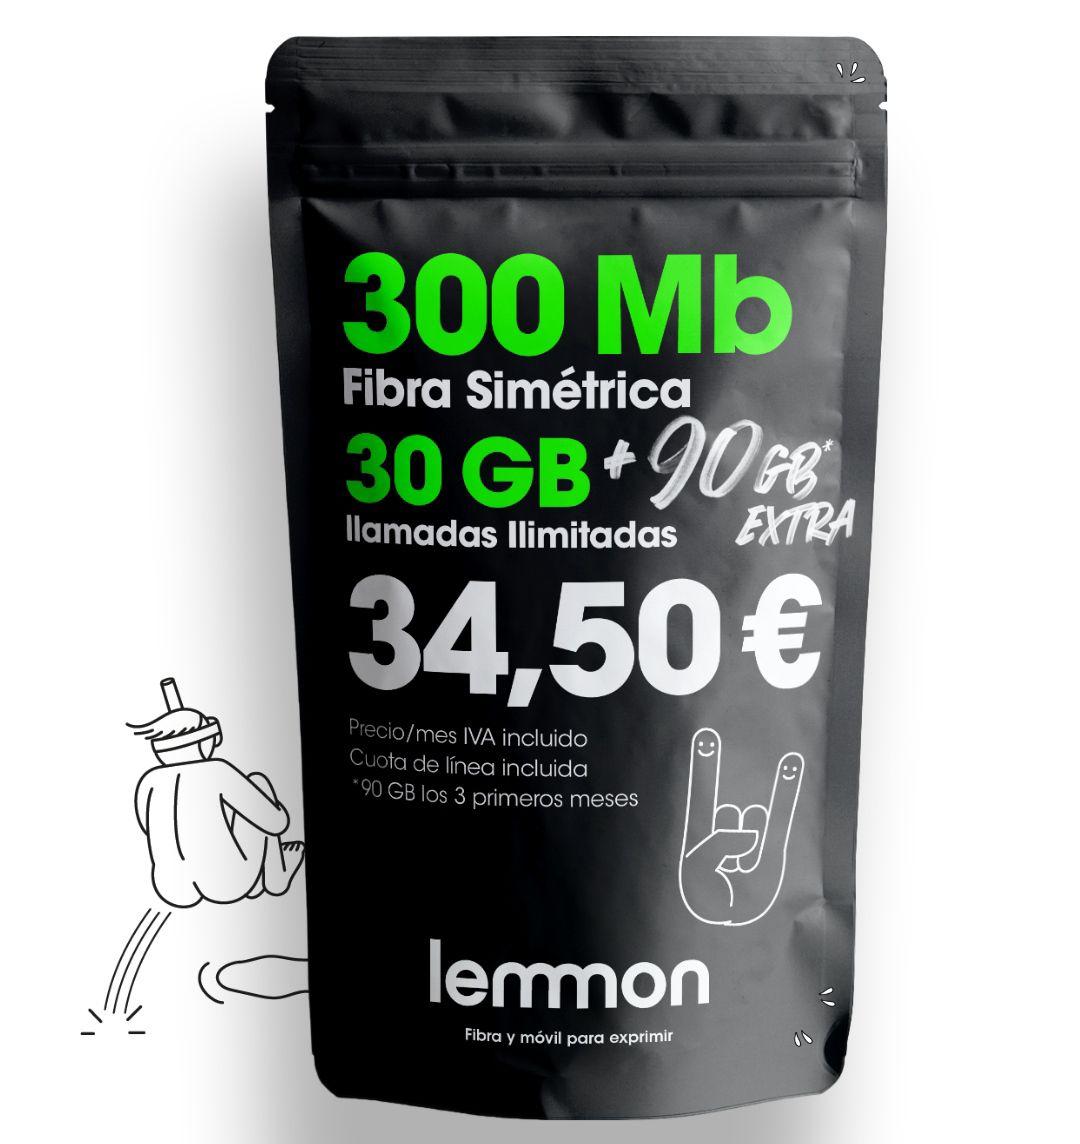 Fibra 300Mb Simétrica + llamadas ilimitadas + 30Gb. + 90Gb extra + Acumula Gb o 500mb fibra por sólo 39'90€ (Sin permanencia)